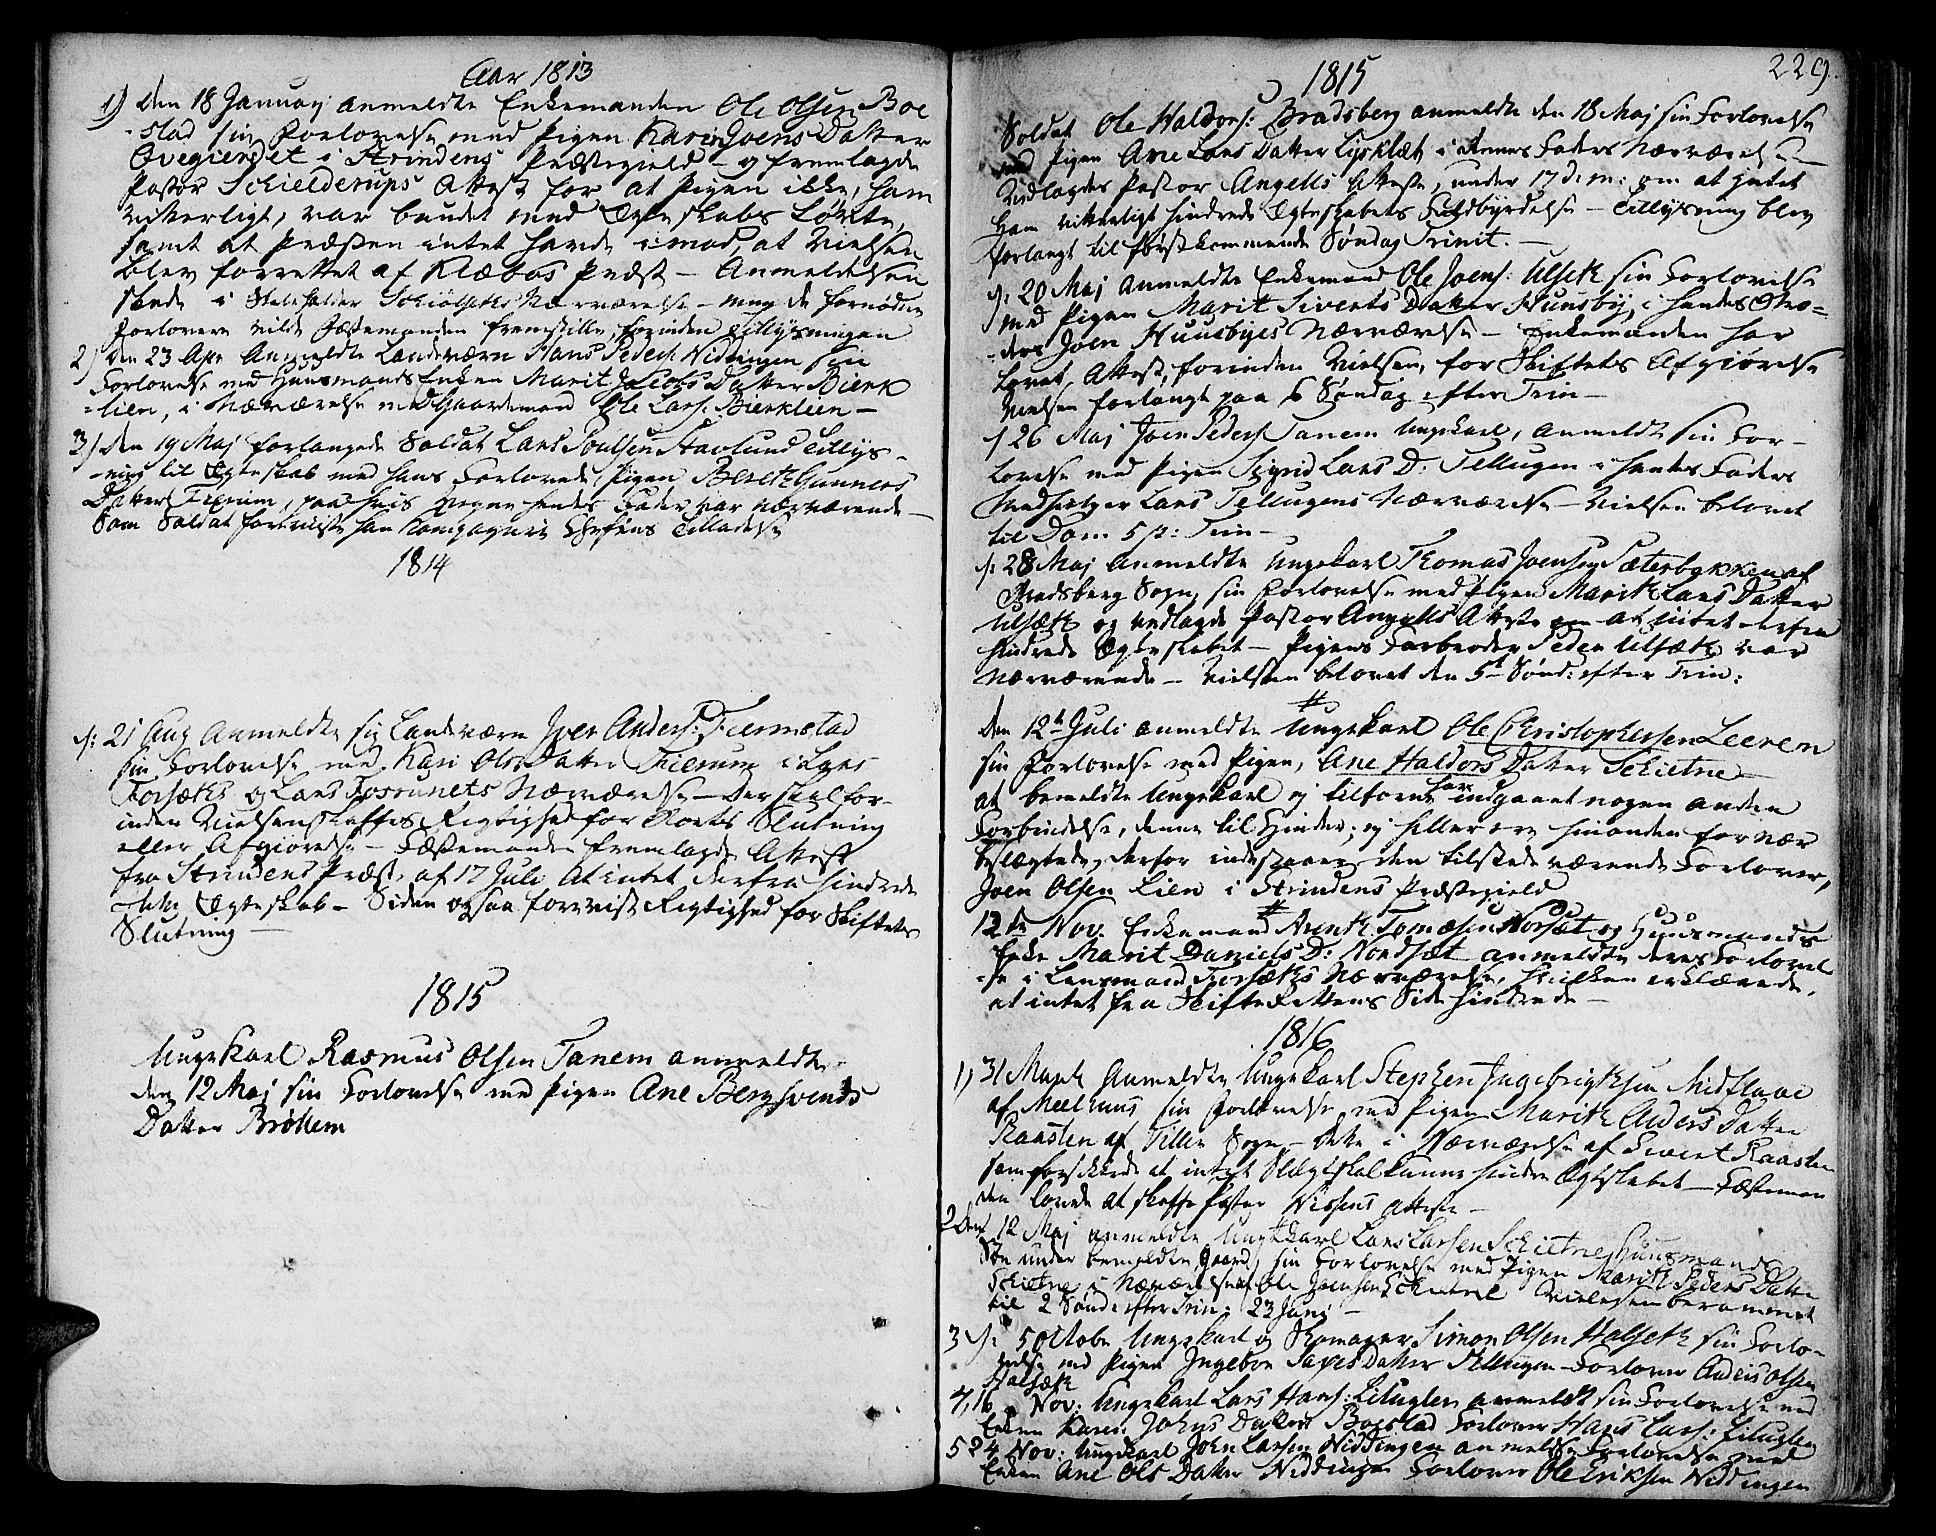 SAT, Ministerialprotokoller, klokkerbøker og fødselsregistre - Sør-Trøndelag, 618/L0438: Ministerialbok nr. 618A03, 1783-1815, s. 229